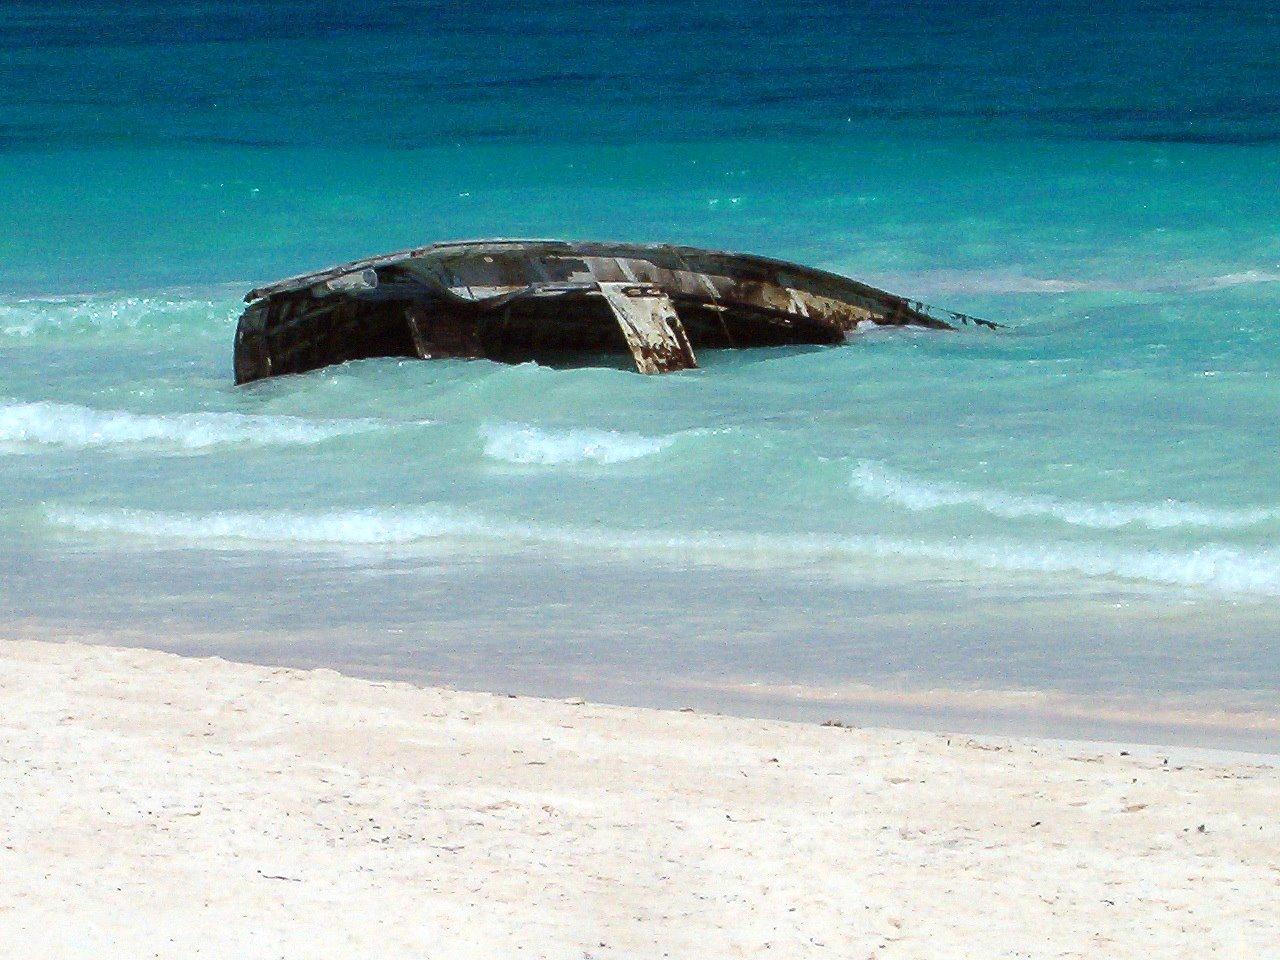 Ship wreck near Tulum, Mexico